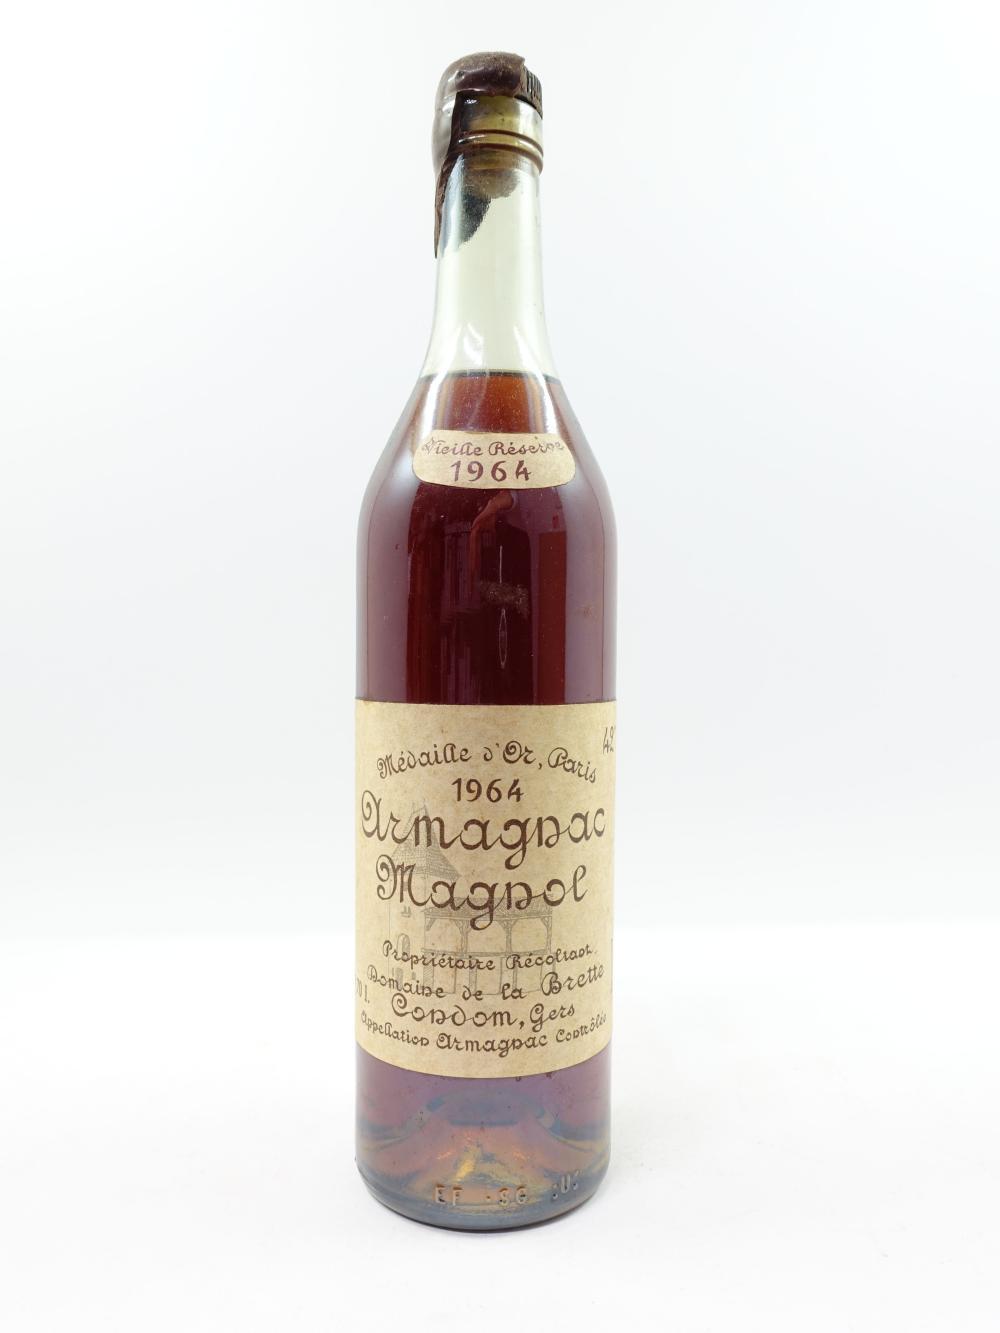 1 bouteille ARMAGNAC MAGNOL 1964 (niveau 5cm, étiquette fanée, capsule cire très cassée